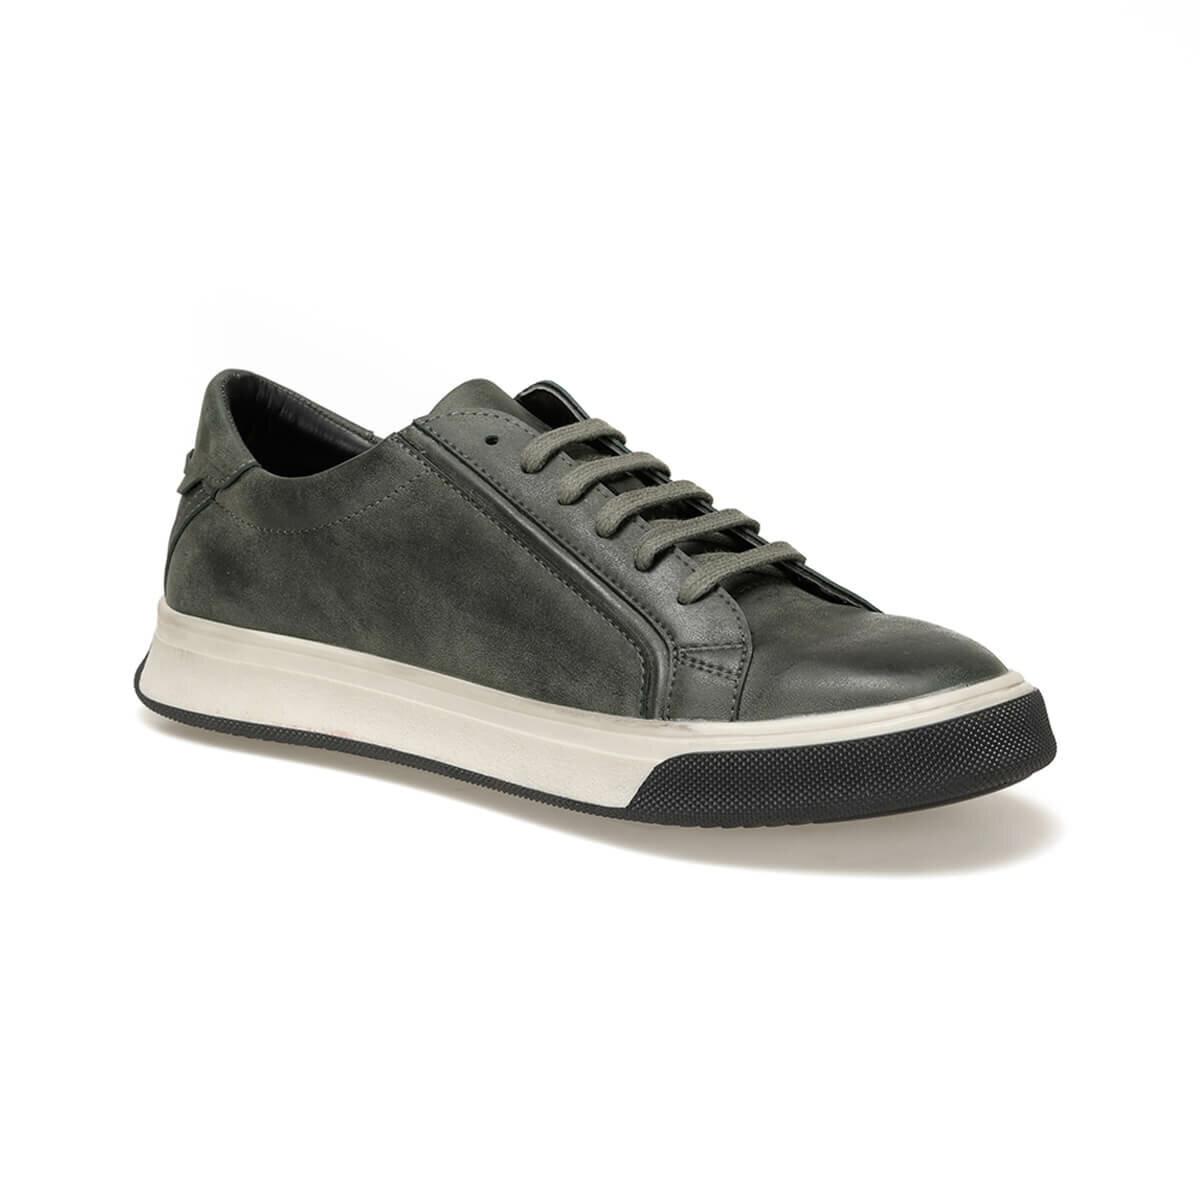 FLO 9104 Khaki Men 'S Shoes Forester